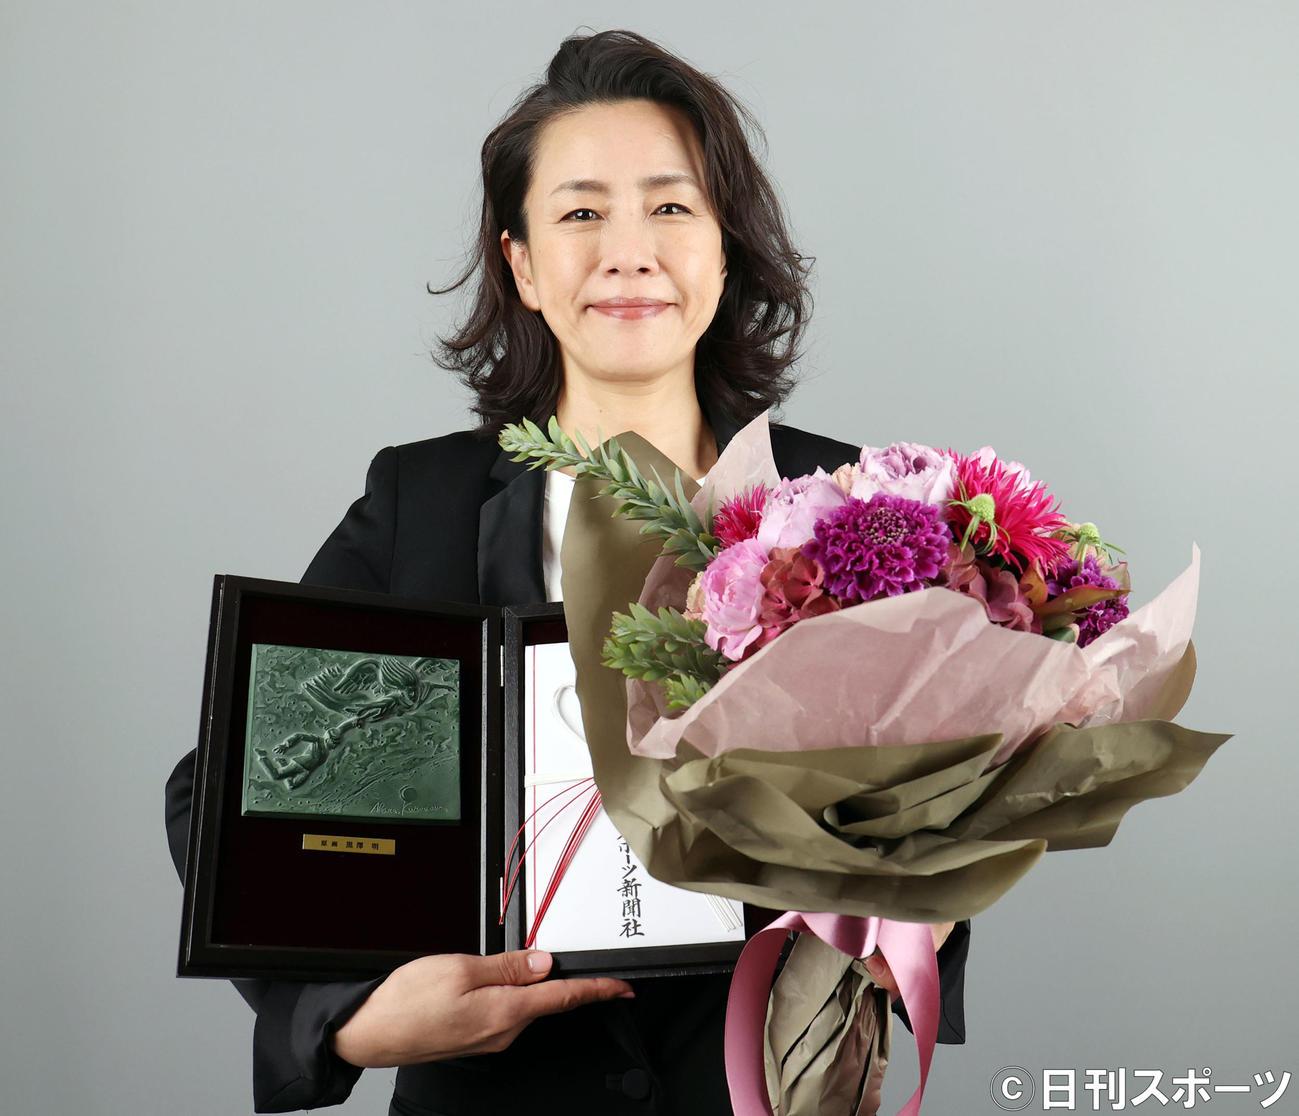 助演女優賞を受賞し、受賞盾を手に笑顔を見せる渡辺真起子(撮影・狩俣裕三)